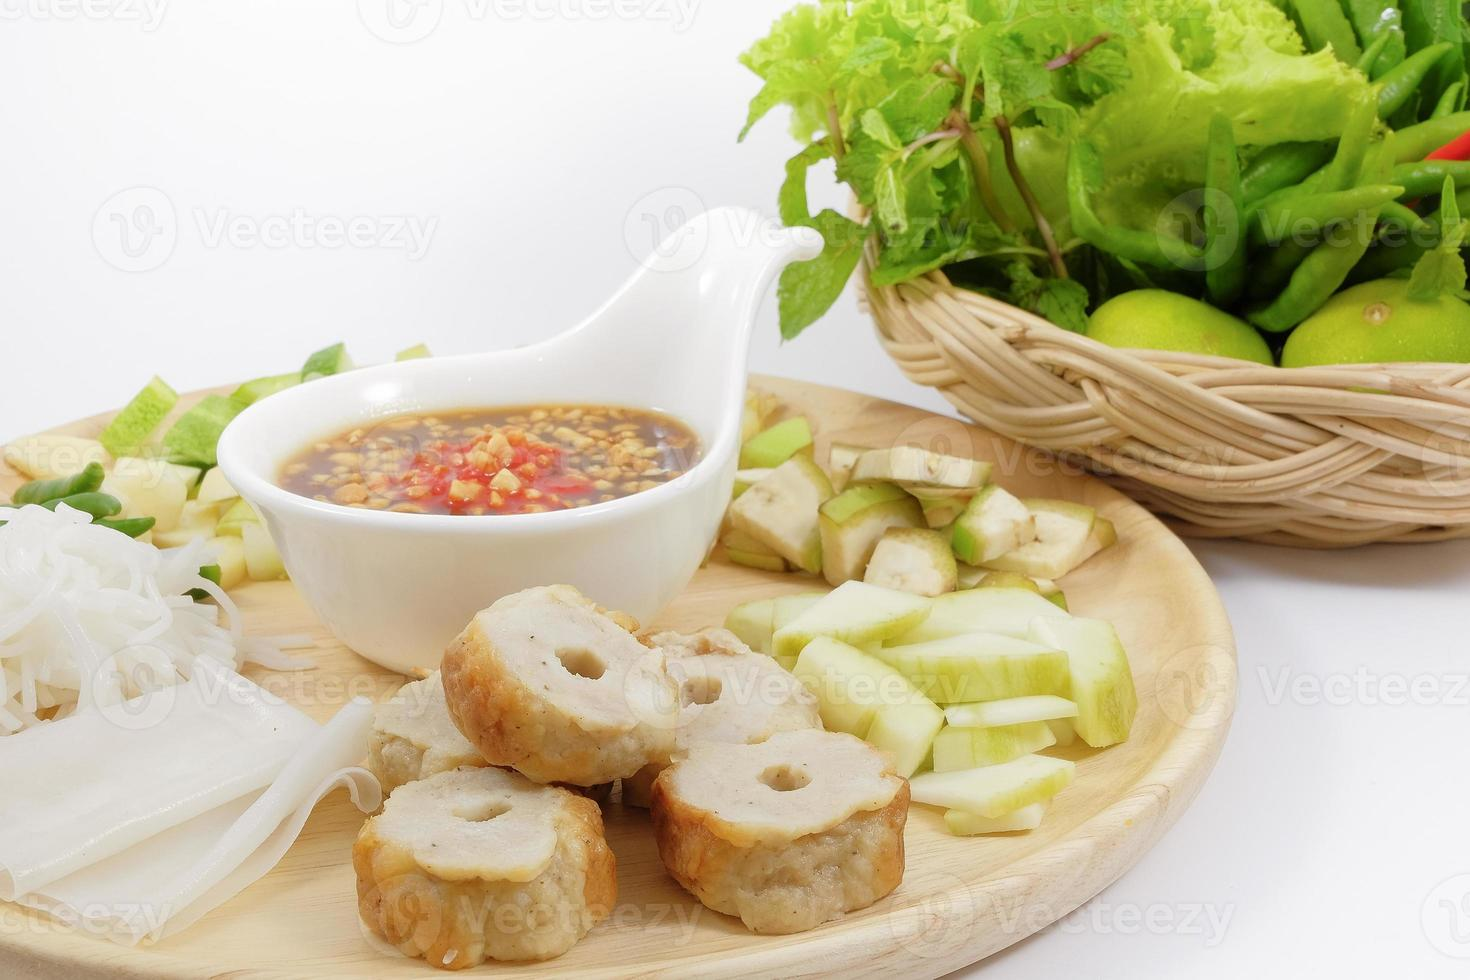 vietnamesische Frikadellenwickel mit Gemüse (nam-neaung) foto